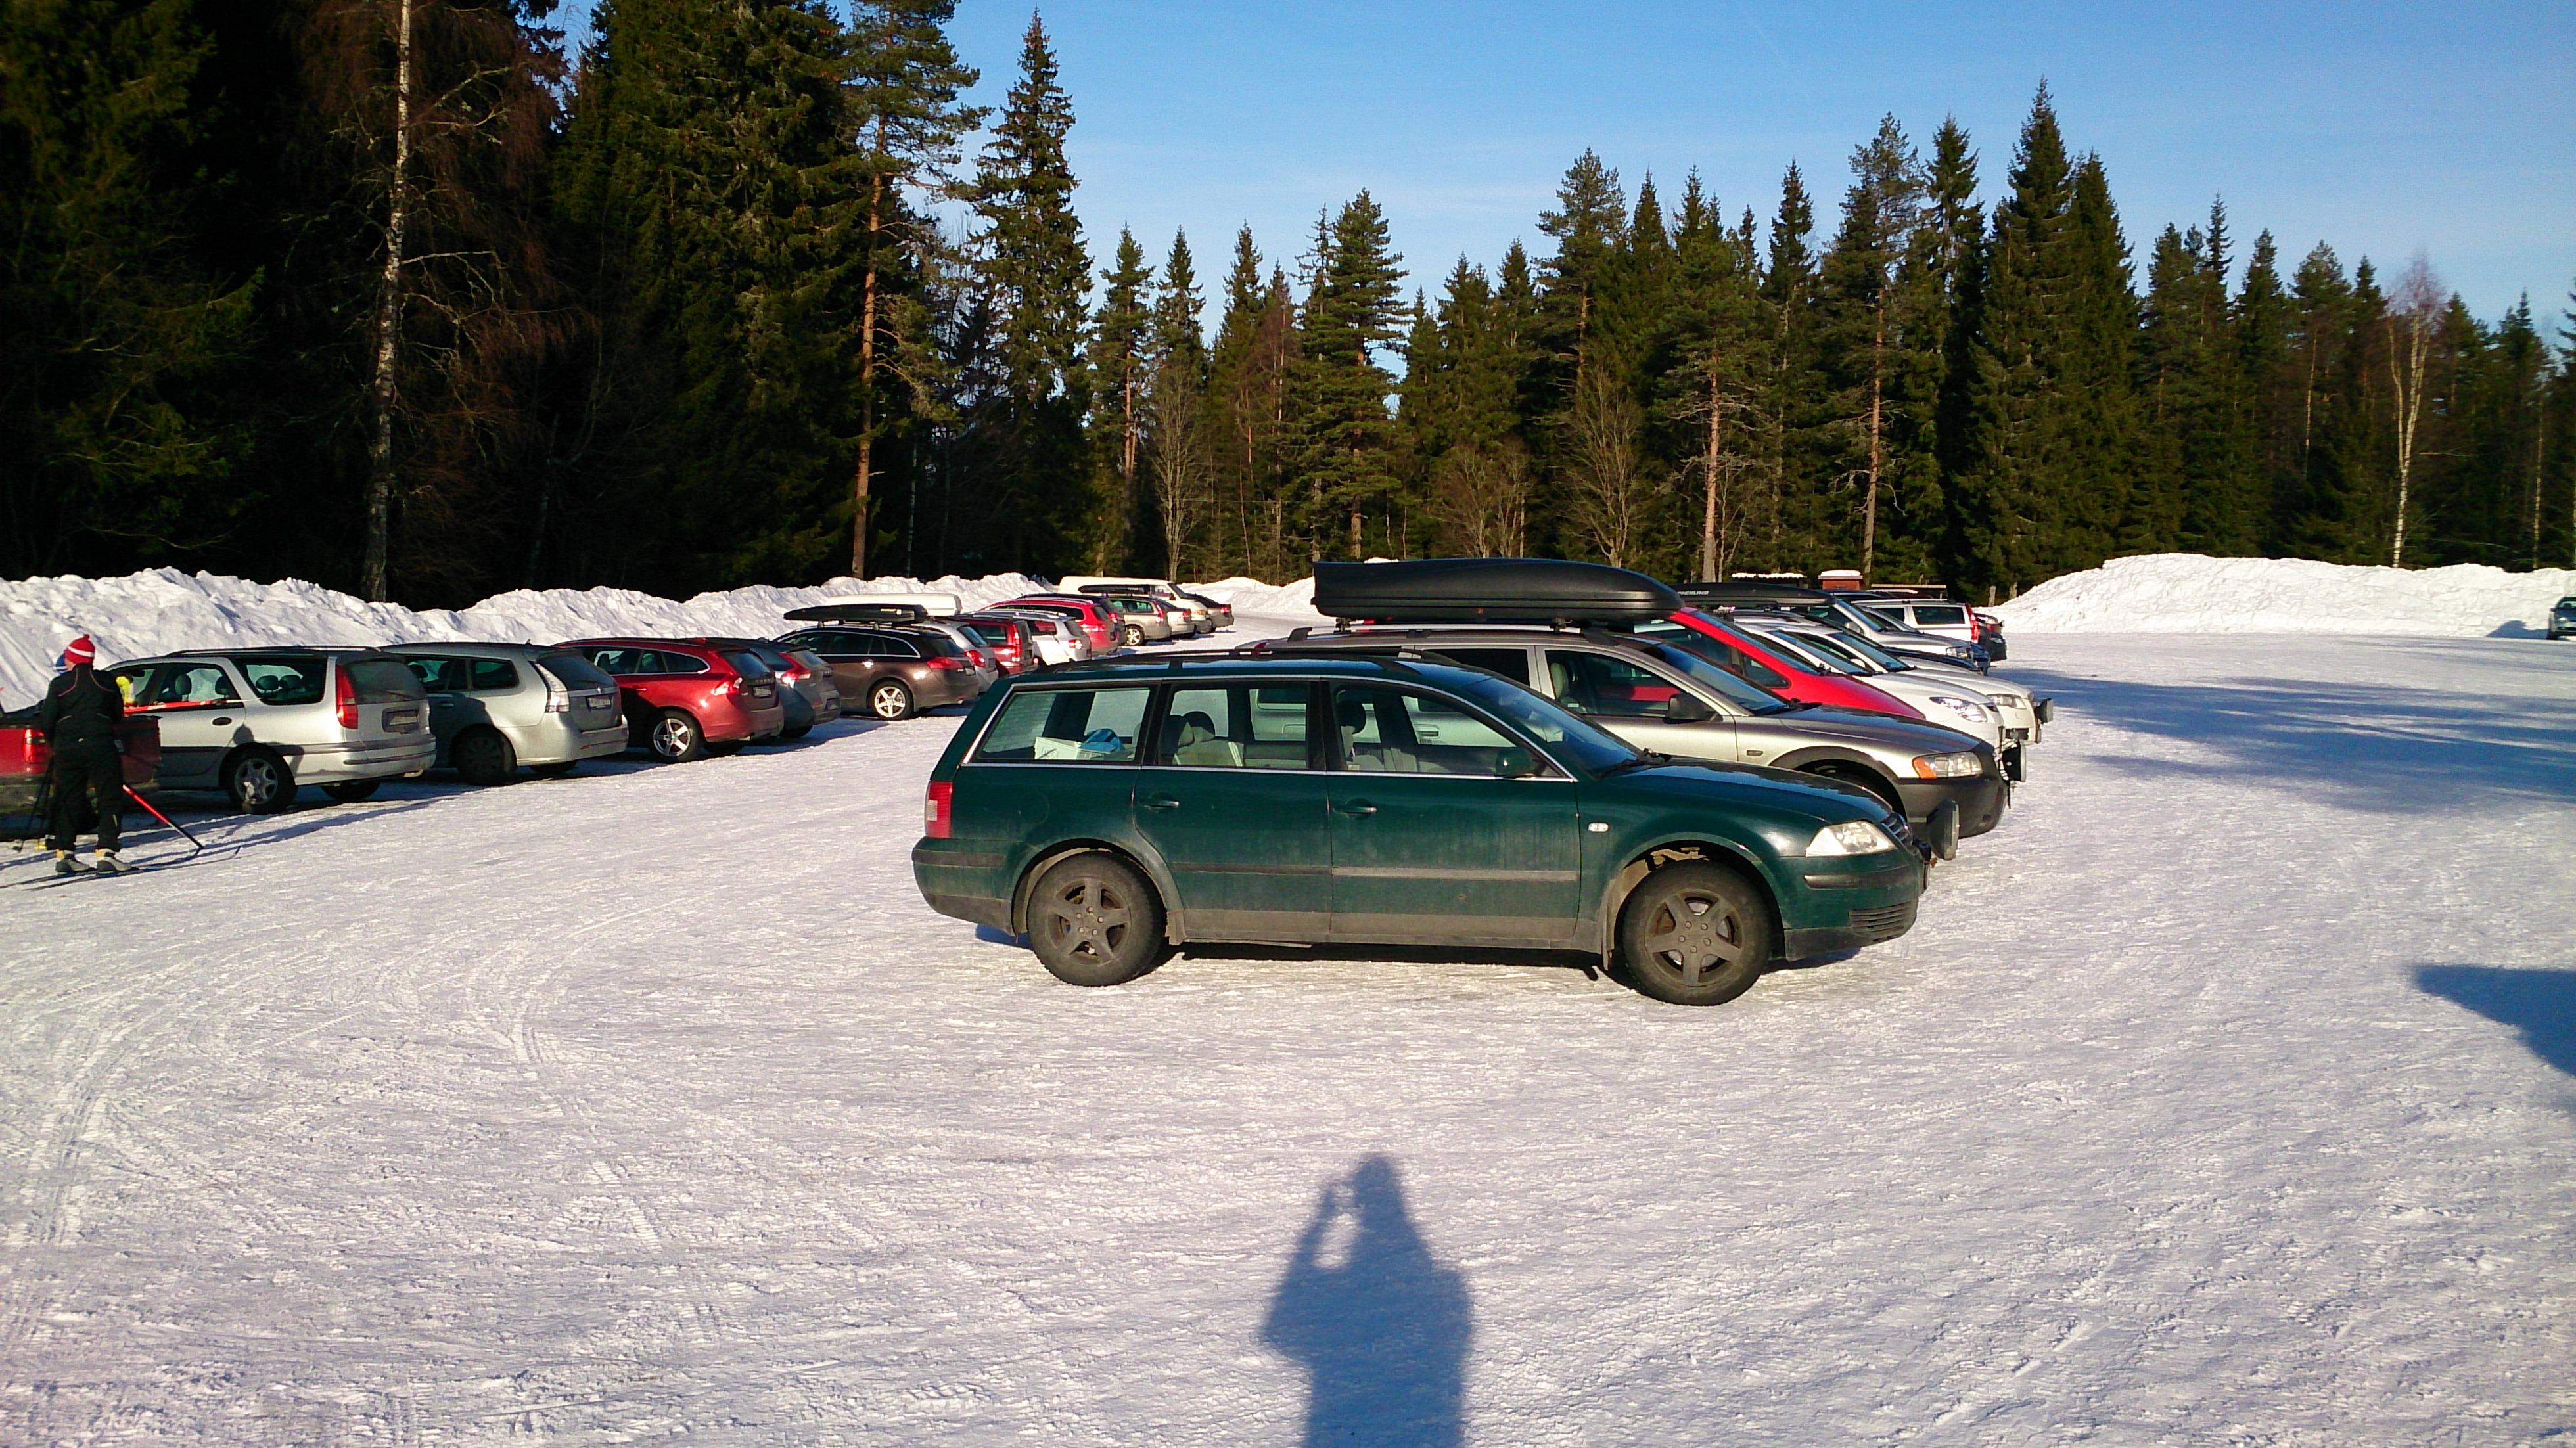 Det var många som ville åka skidor i finvädret!